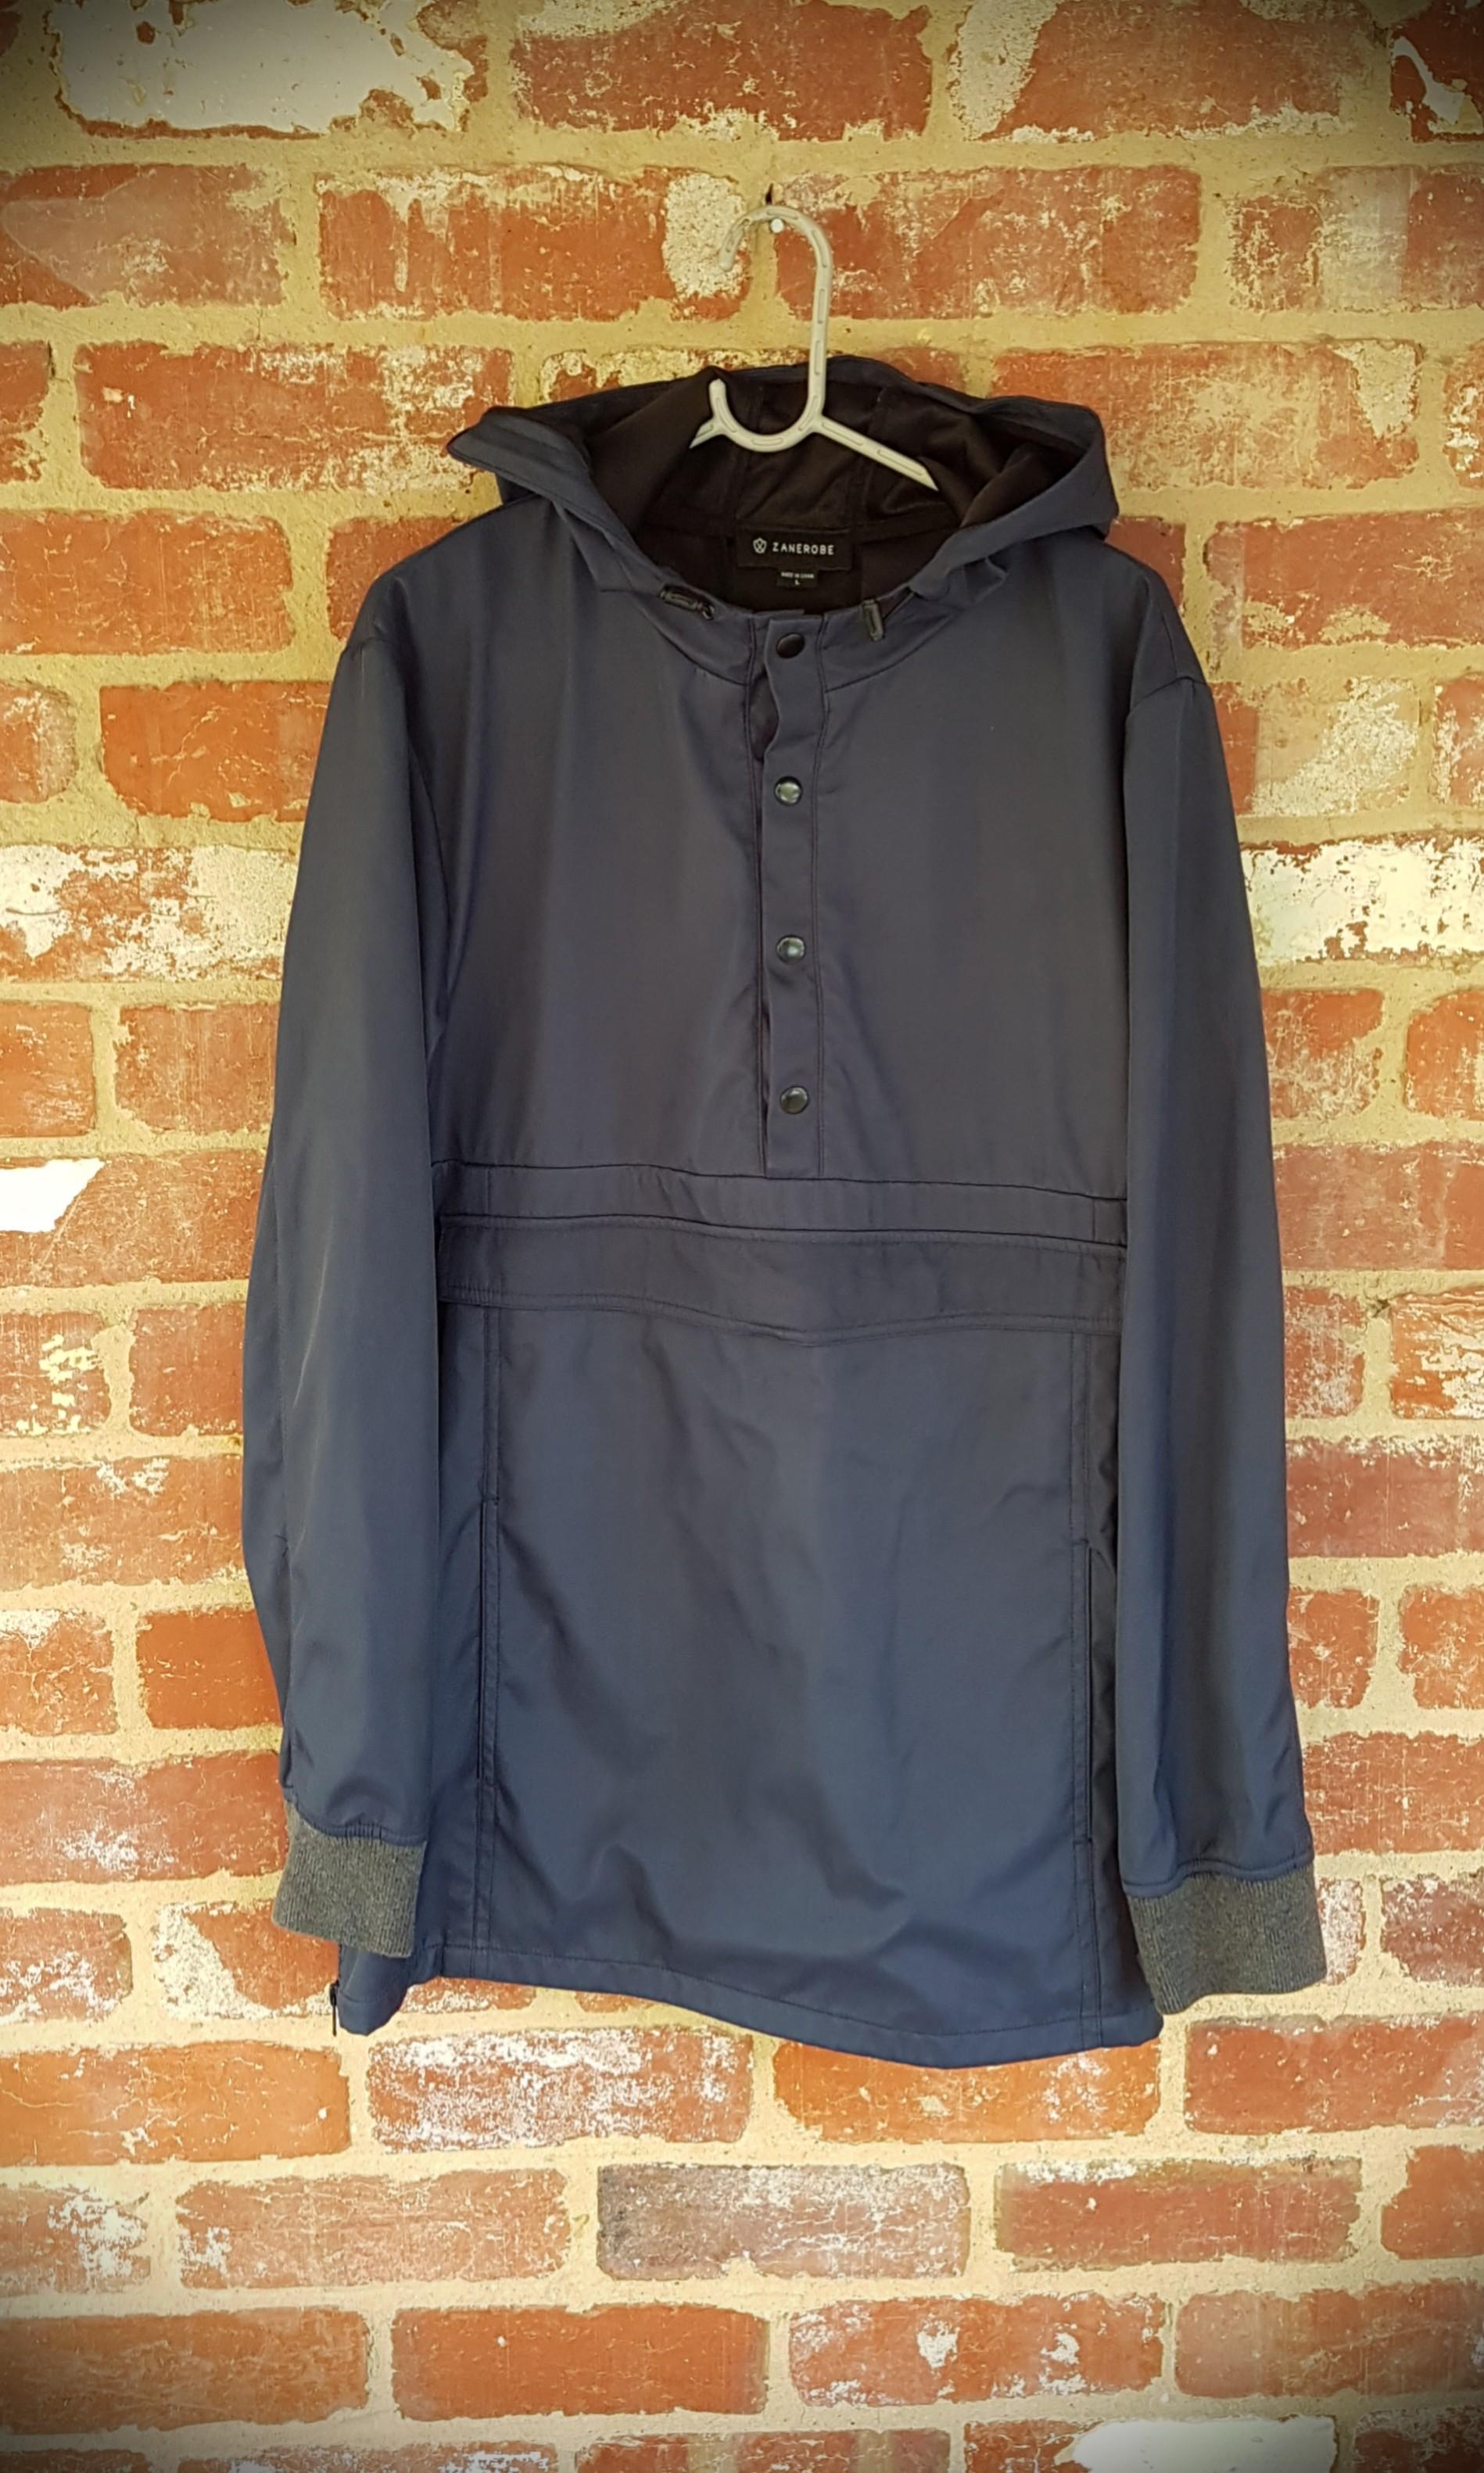 Zanerobe Blue Windbreaker Hooded Jacket/Top Rainproof